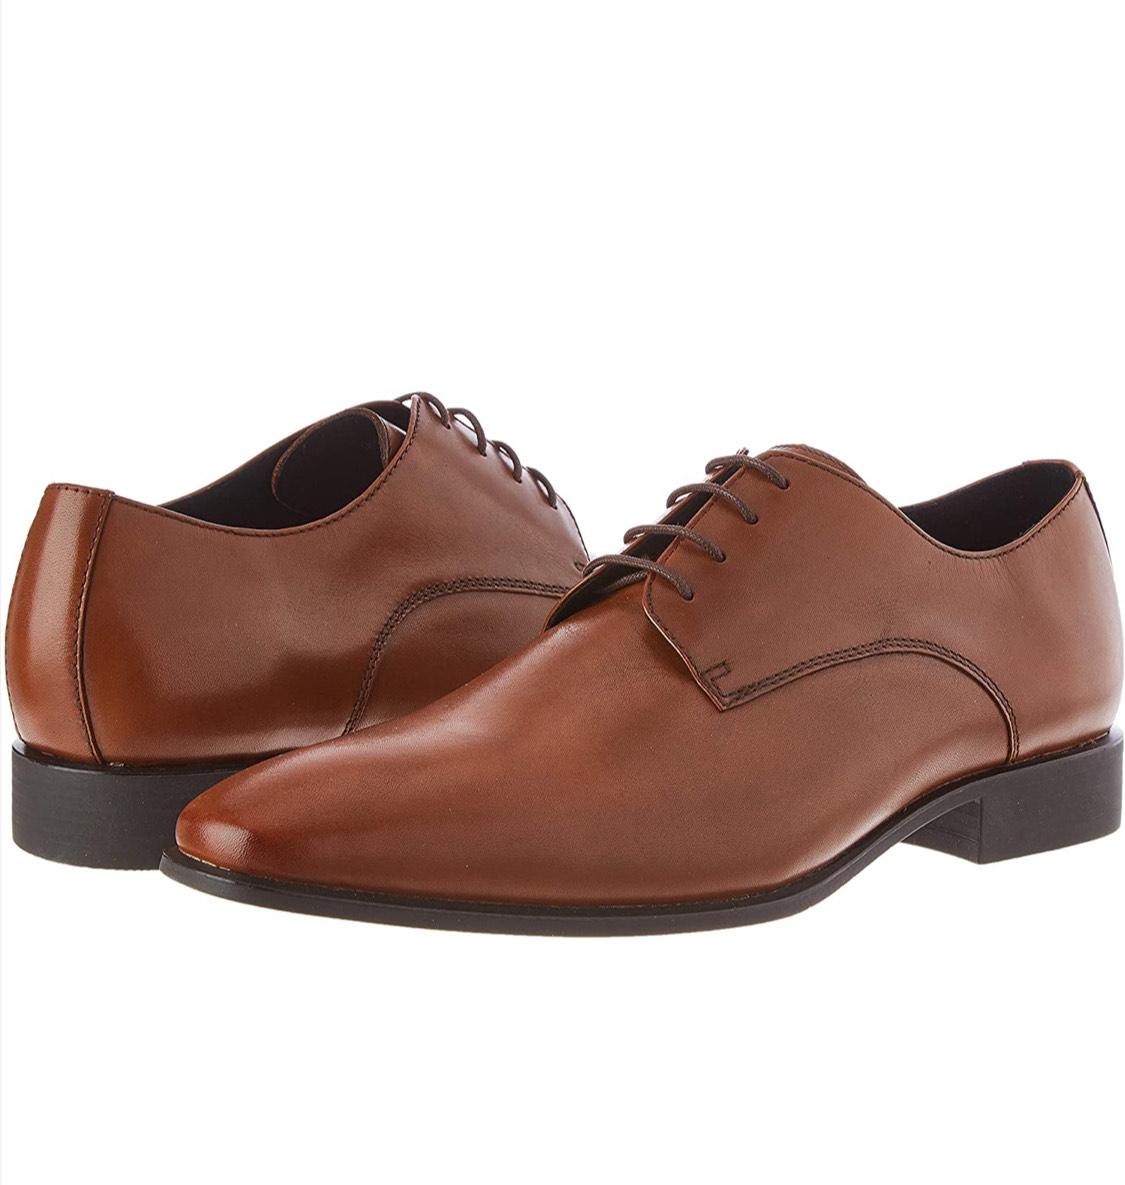 Zapatos vestir Geox hombre talla 39.